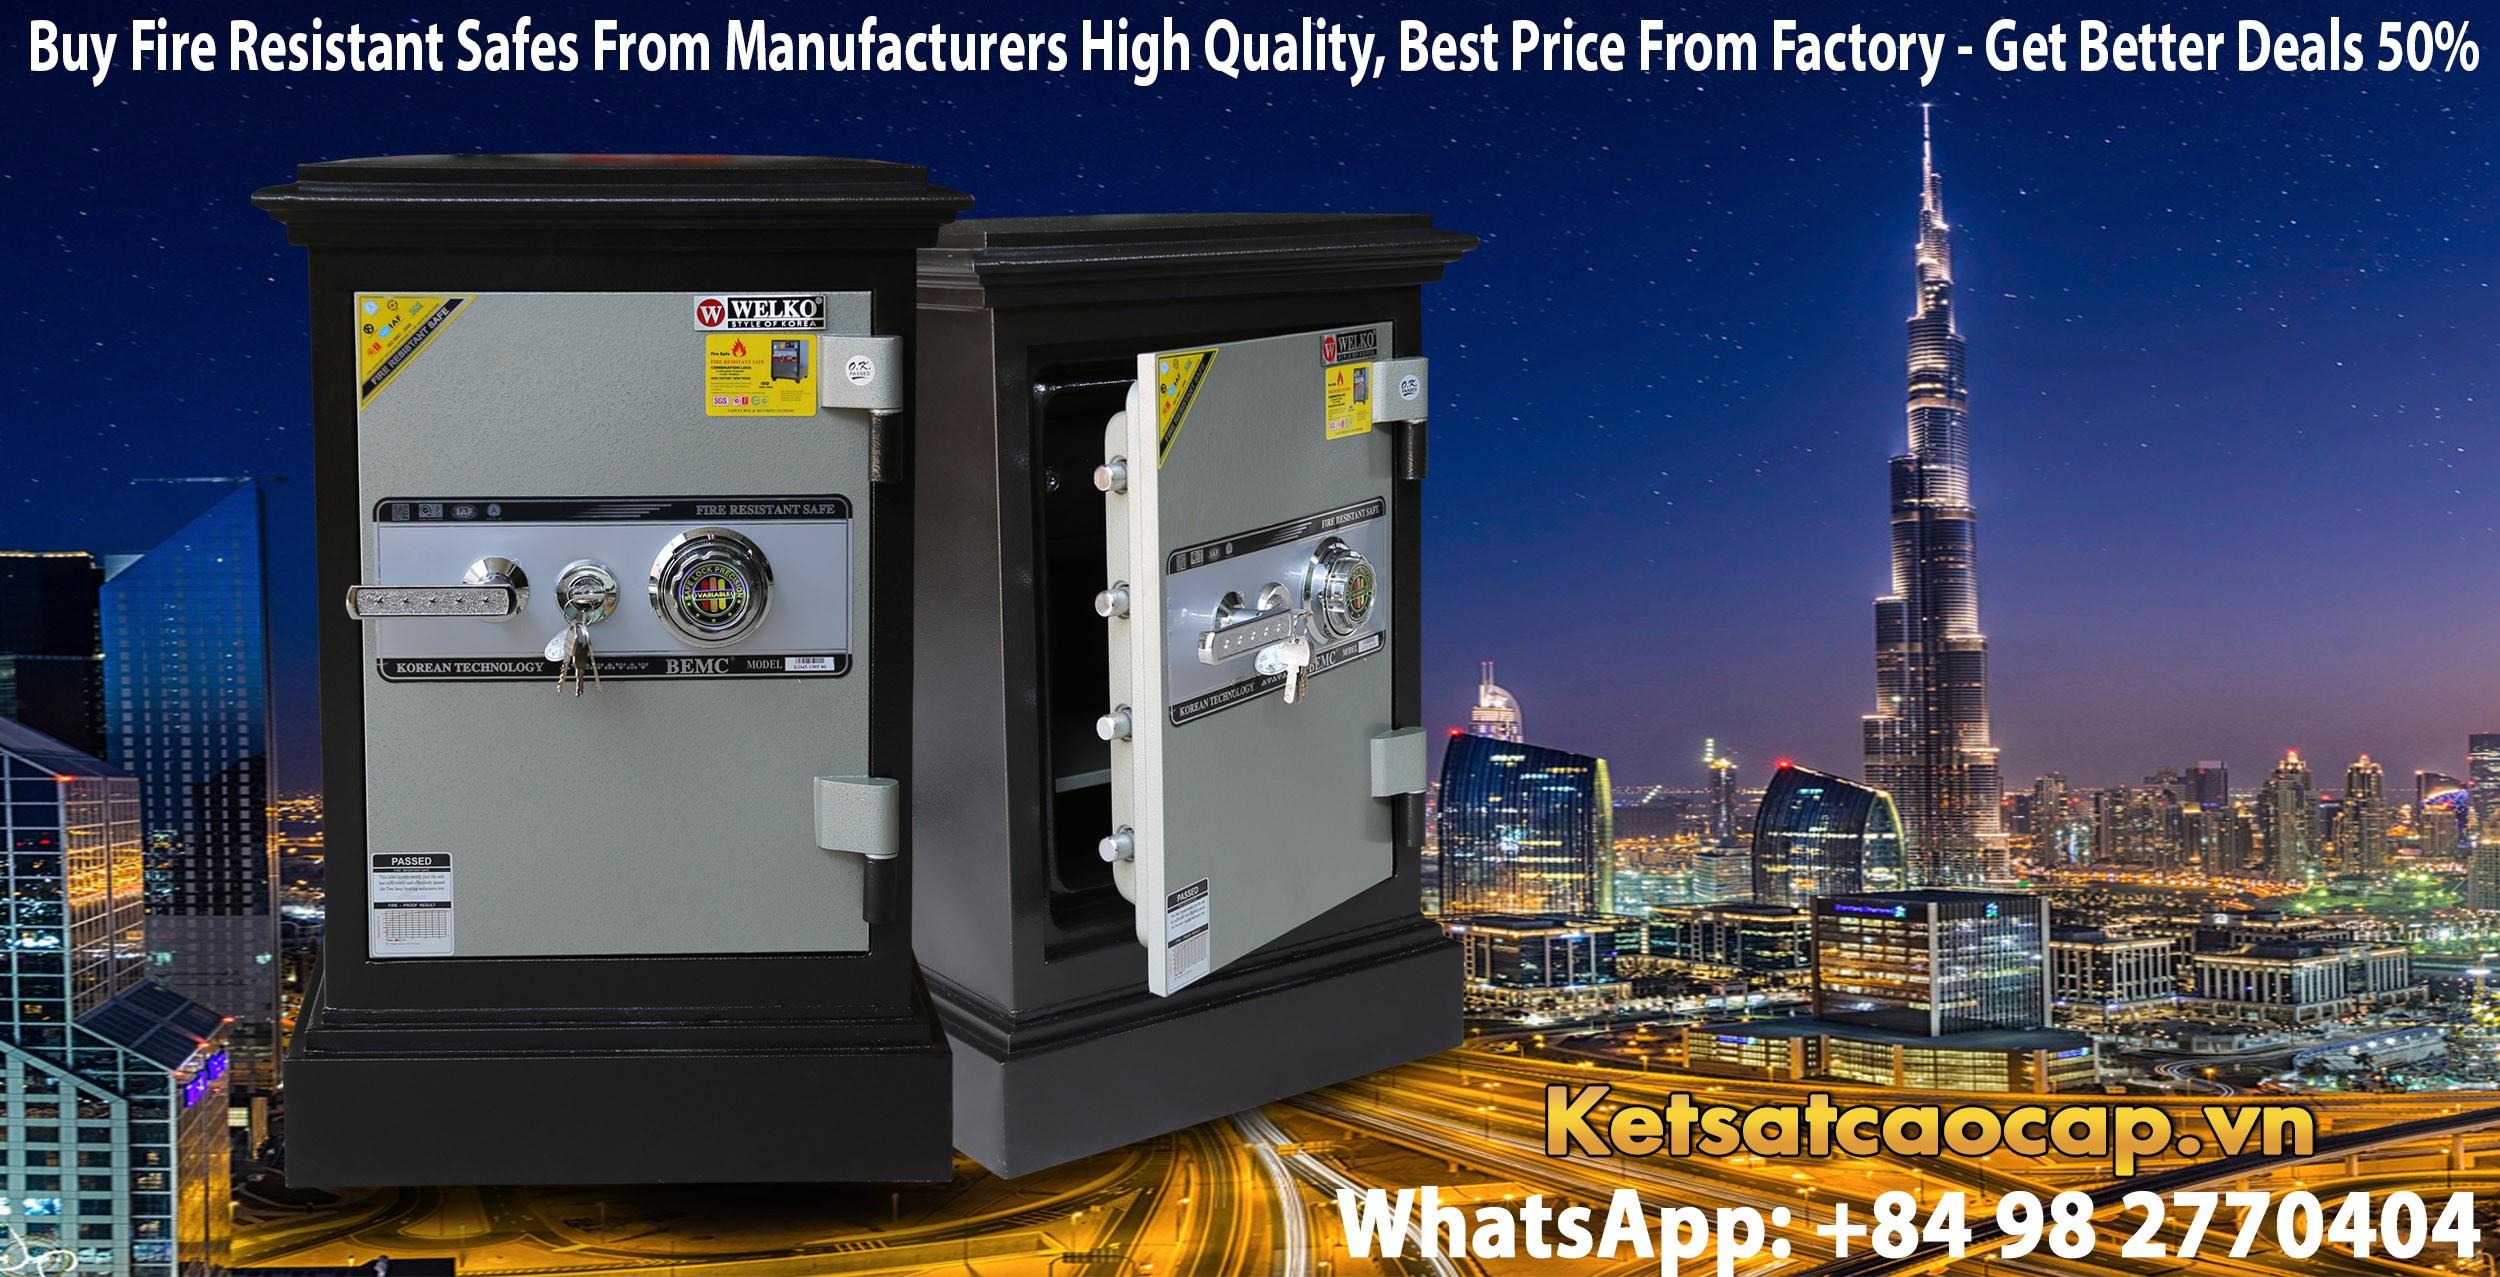 hình ảnh sản phẩm Cheap Home Safes